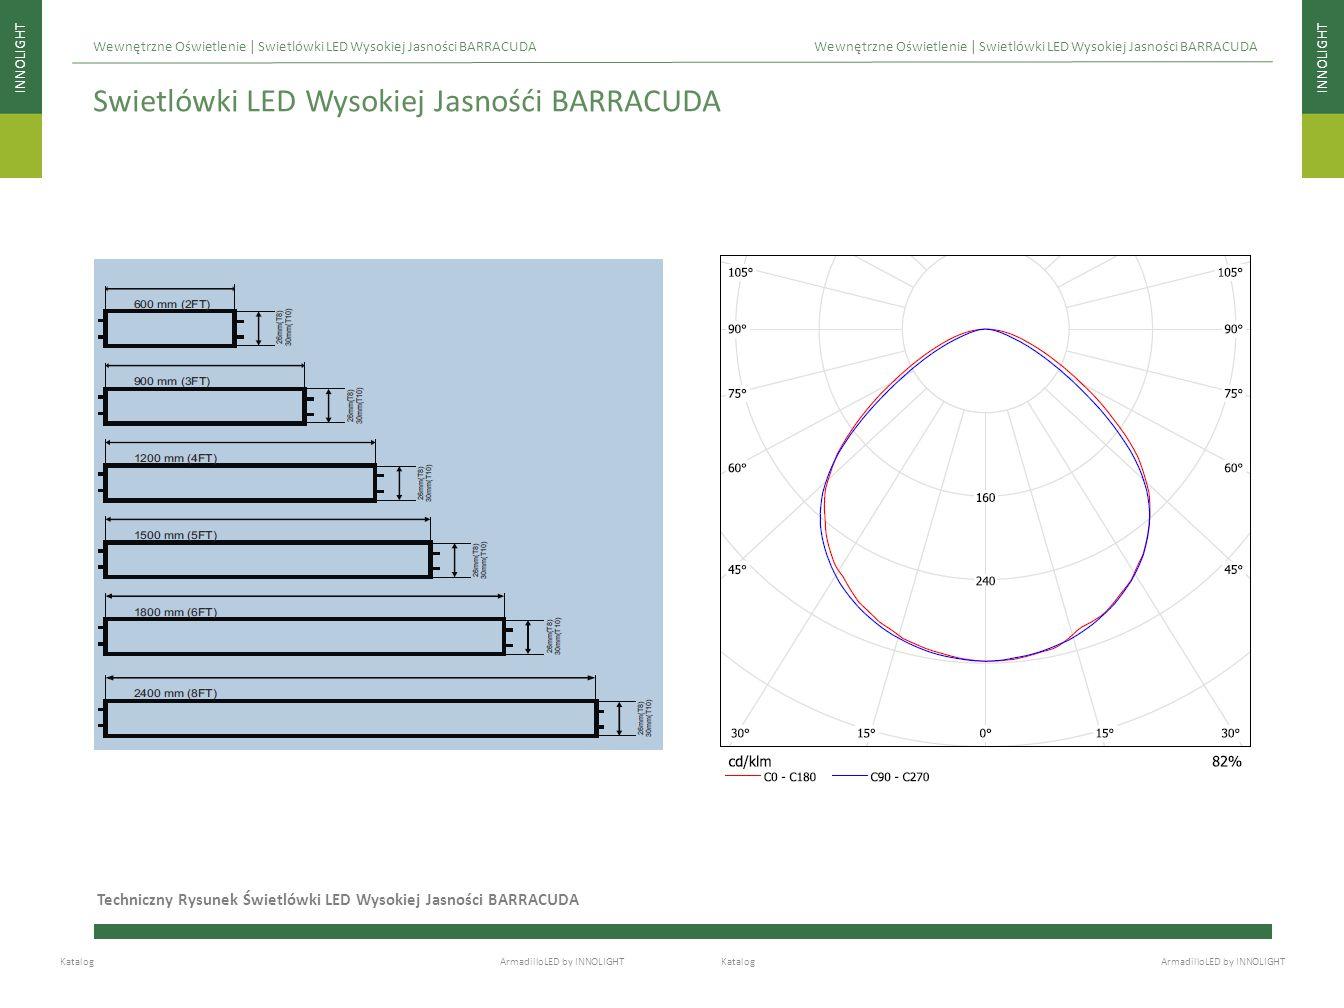 INNOLIGHT Katalog ArmadilloLED by INNOLIGHT Techniczny Rysunek Świetlówki LED Wysokiej Jasności BARRACUDA Wewnętrzne Oświetlenie | Swietlówki LED Wyso